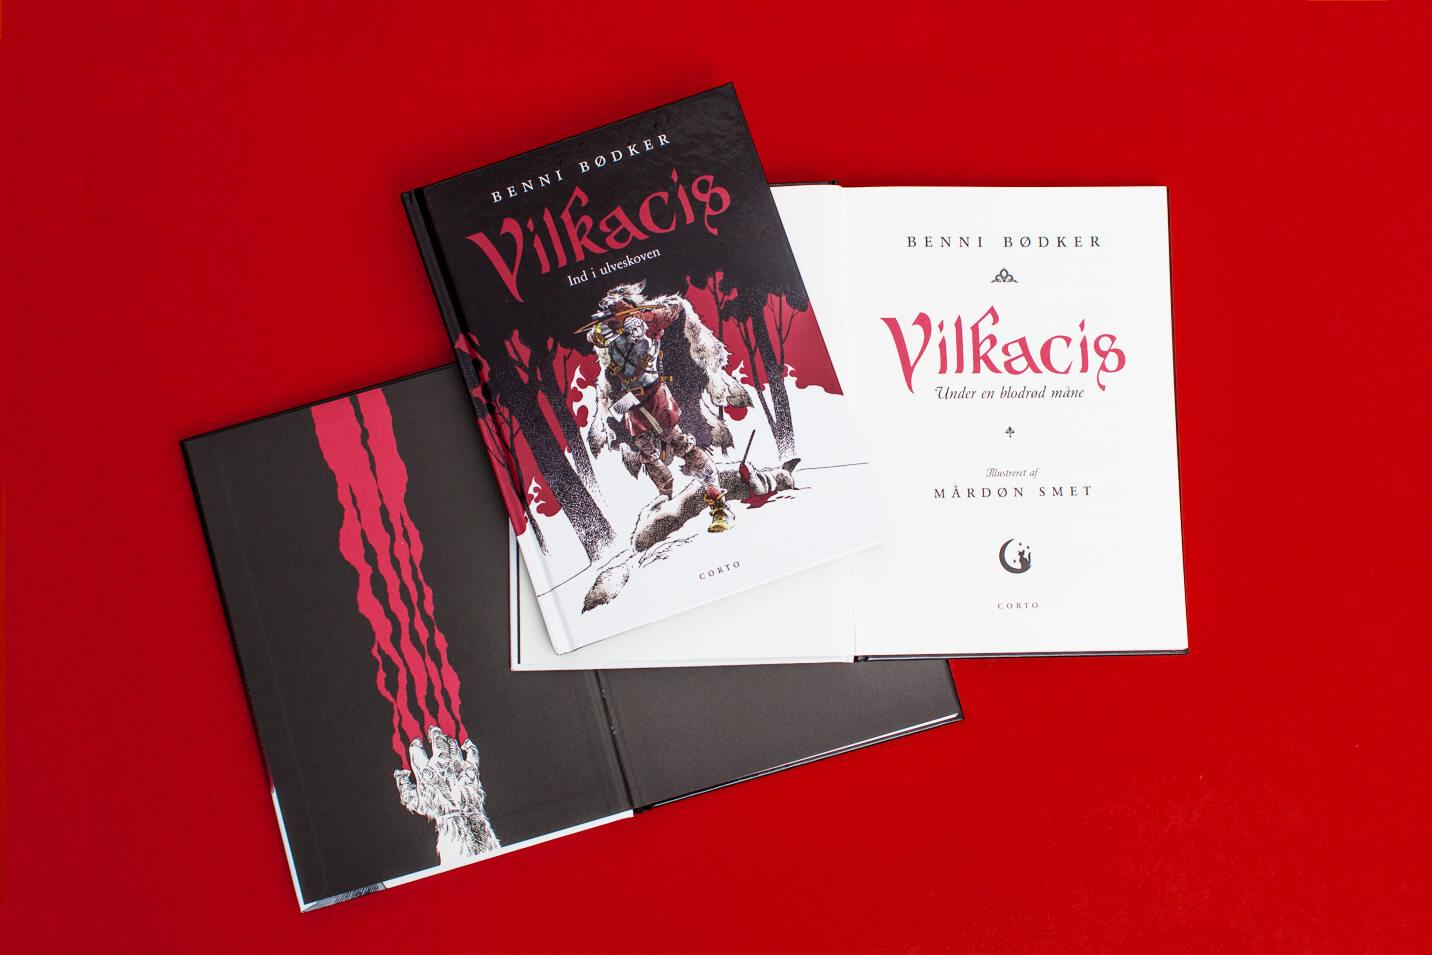 bogdesign-vilkacis-grafiker-designer-2